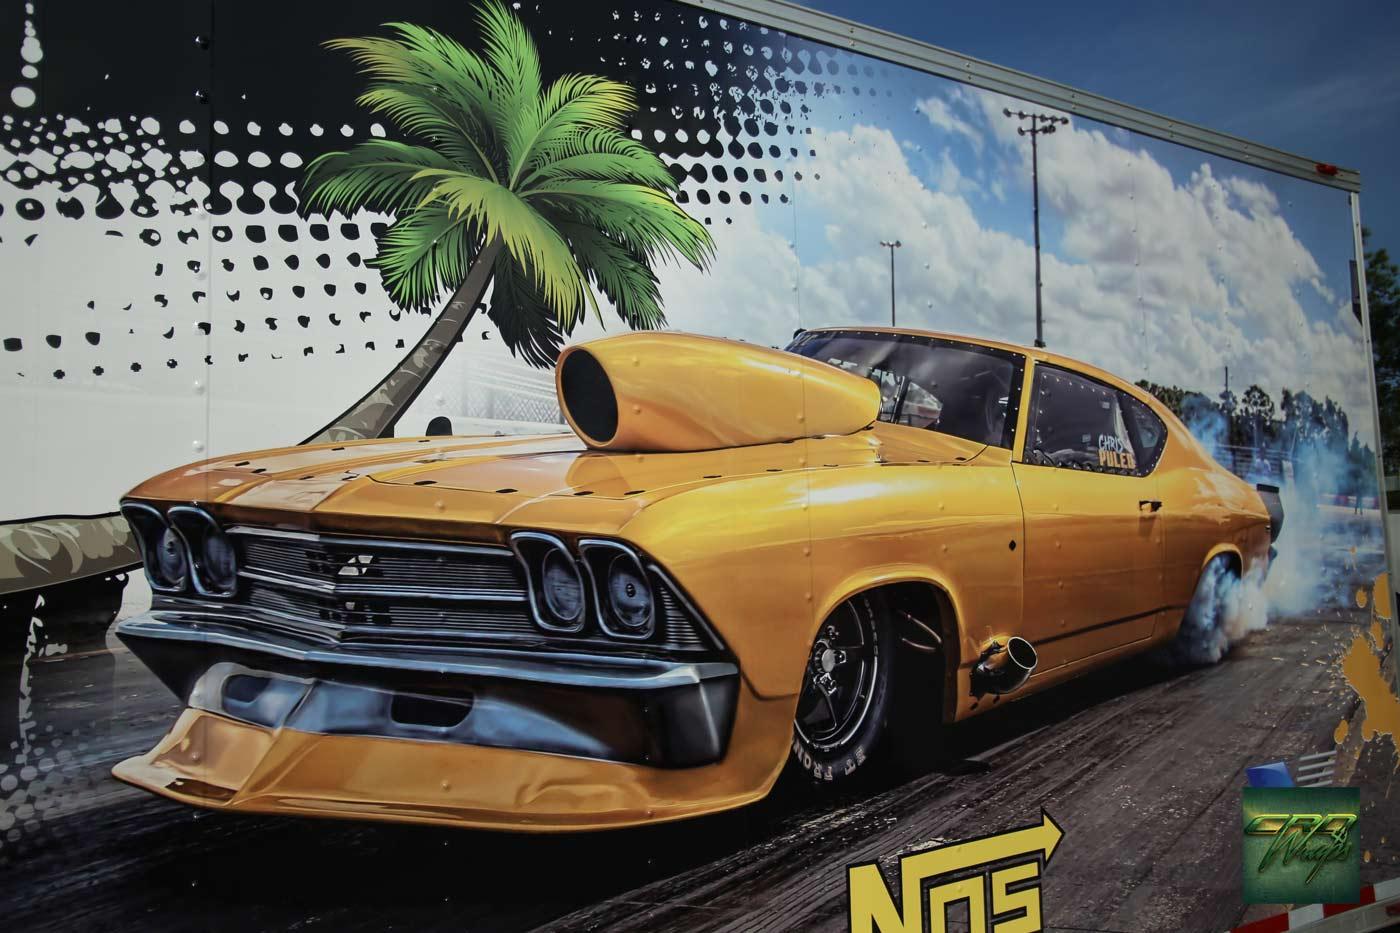 Custom 32' Race Trailer Wrap